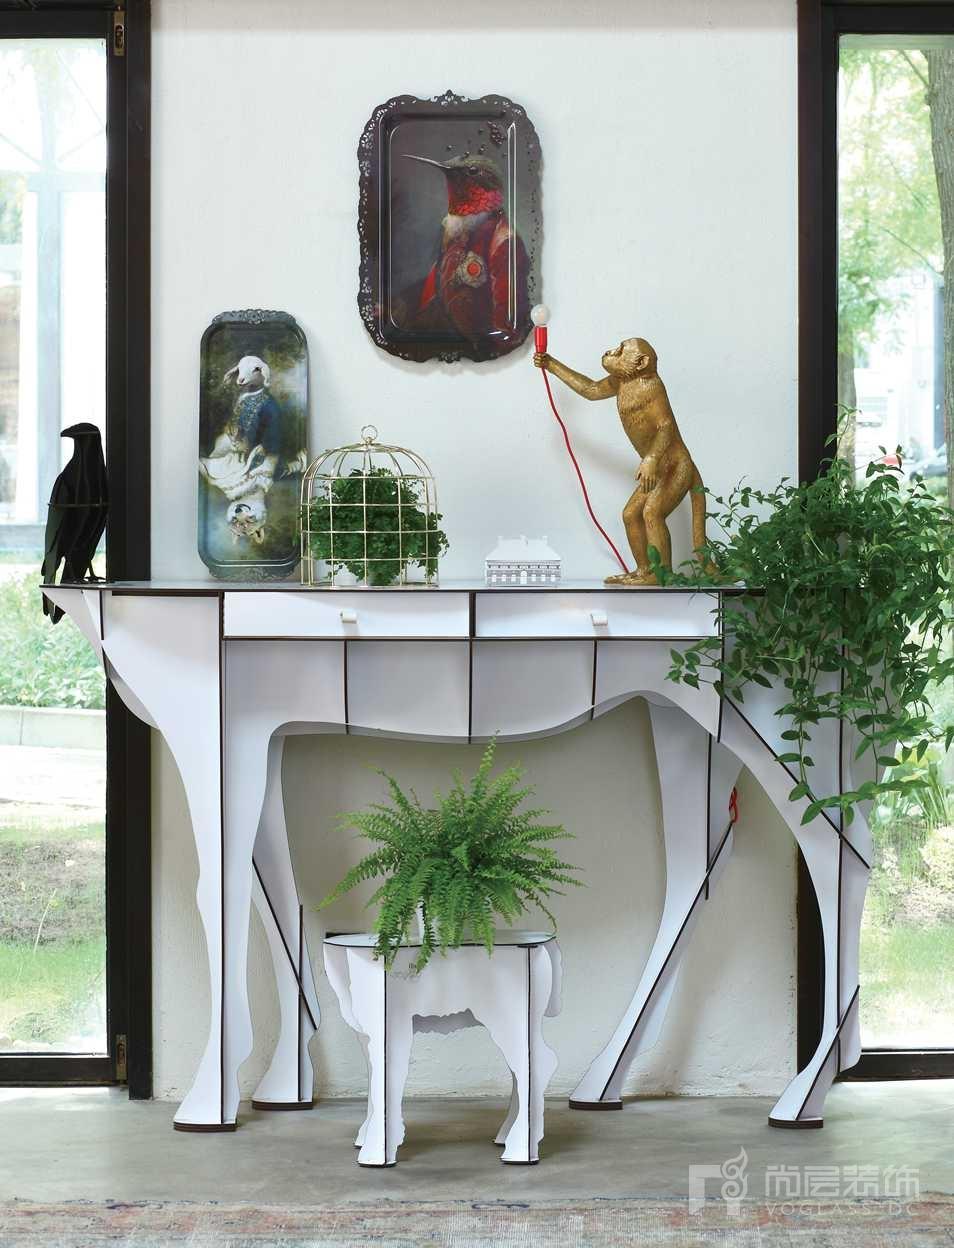 尚层装饰别墅生活把家中所有与动物有关的物品统统摆出来放在玄关上